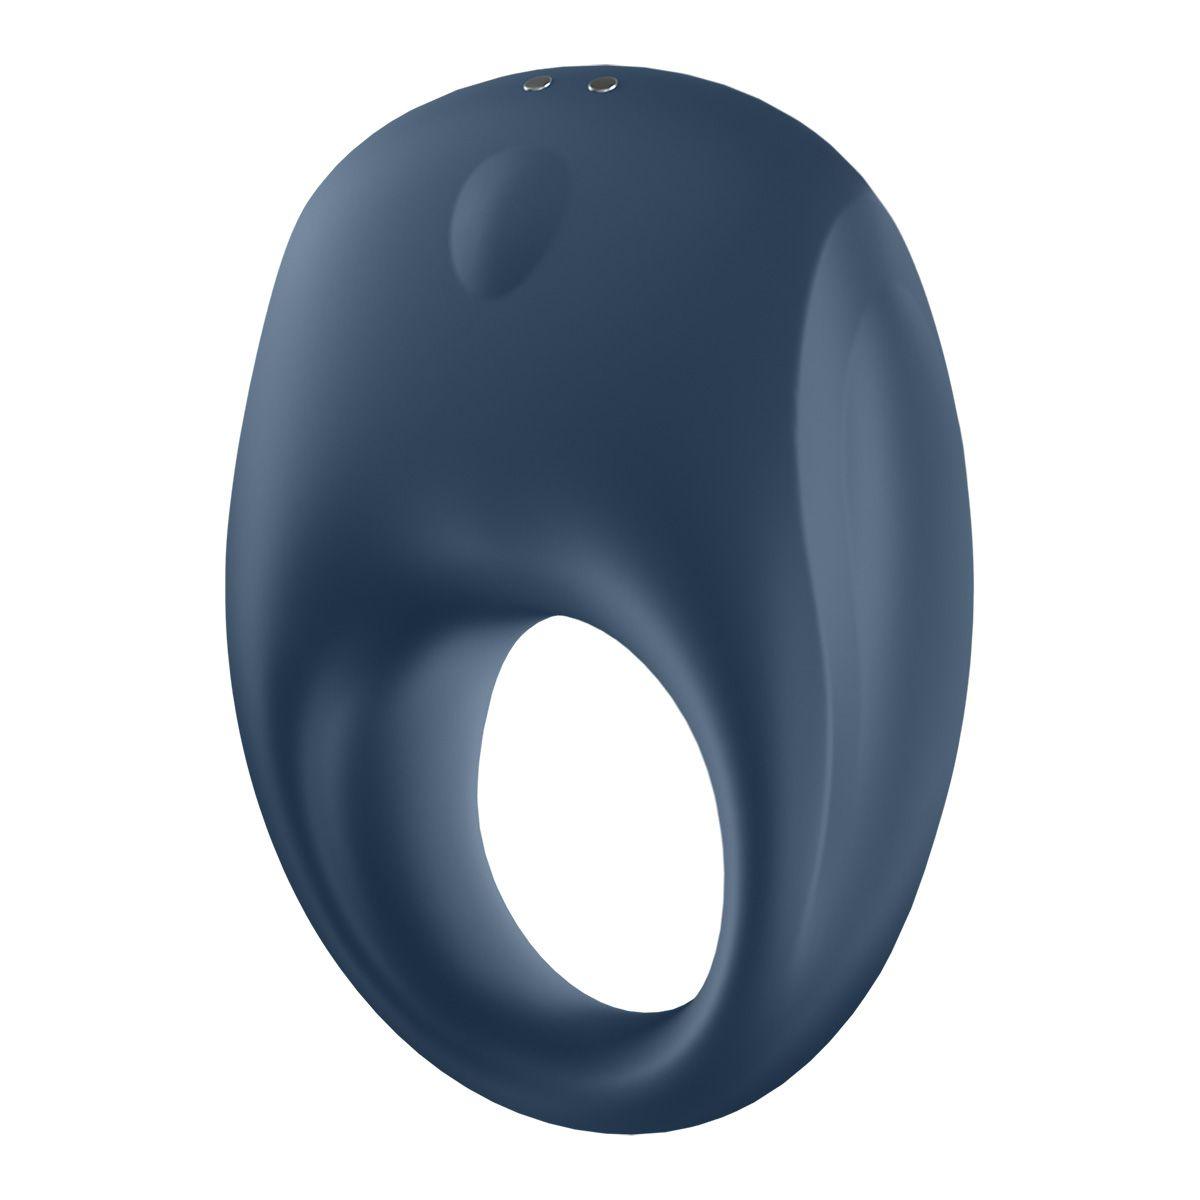 Эрекционное кольцо Satisfyer Strong One с возможностью управления через приложение - фото 371211